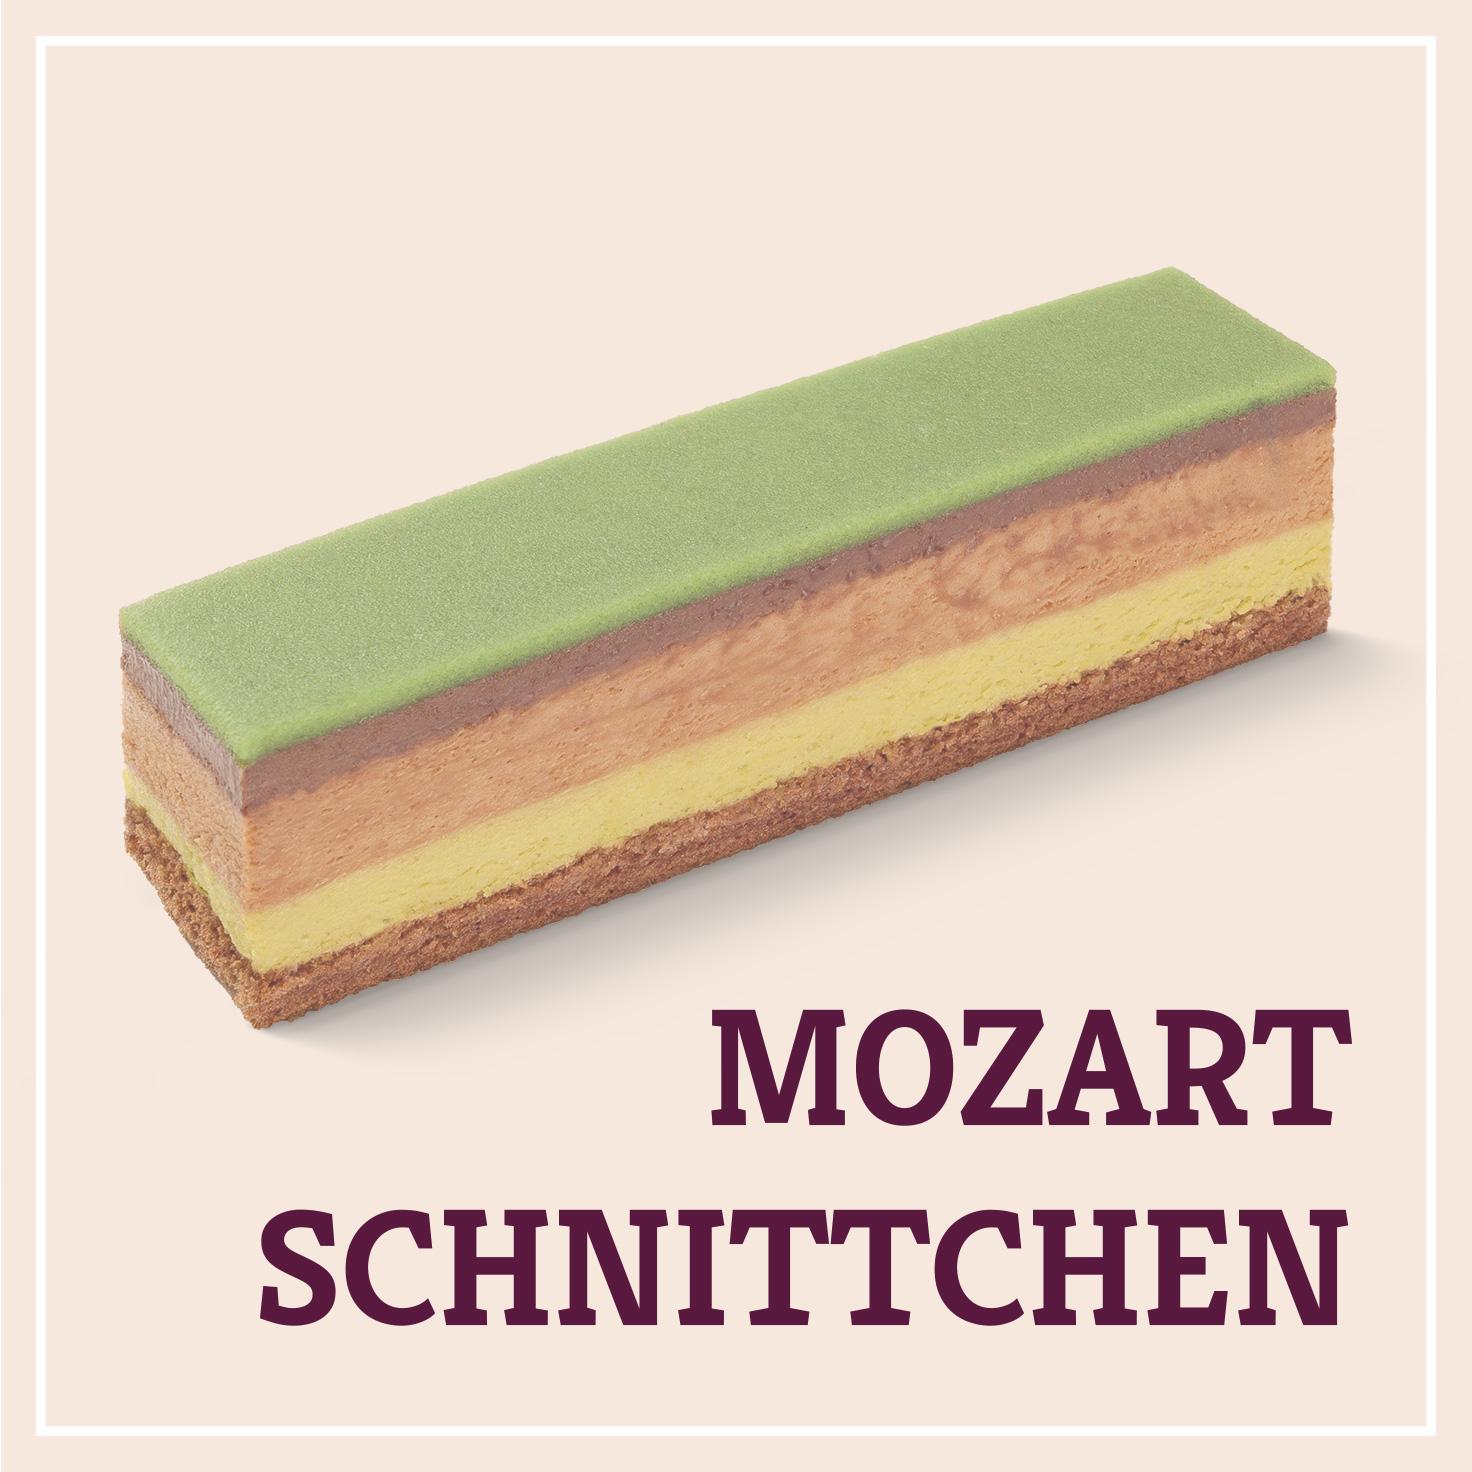 Heiss & Süß - Mozartschnittchen